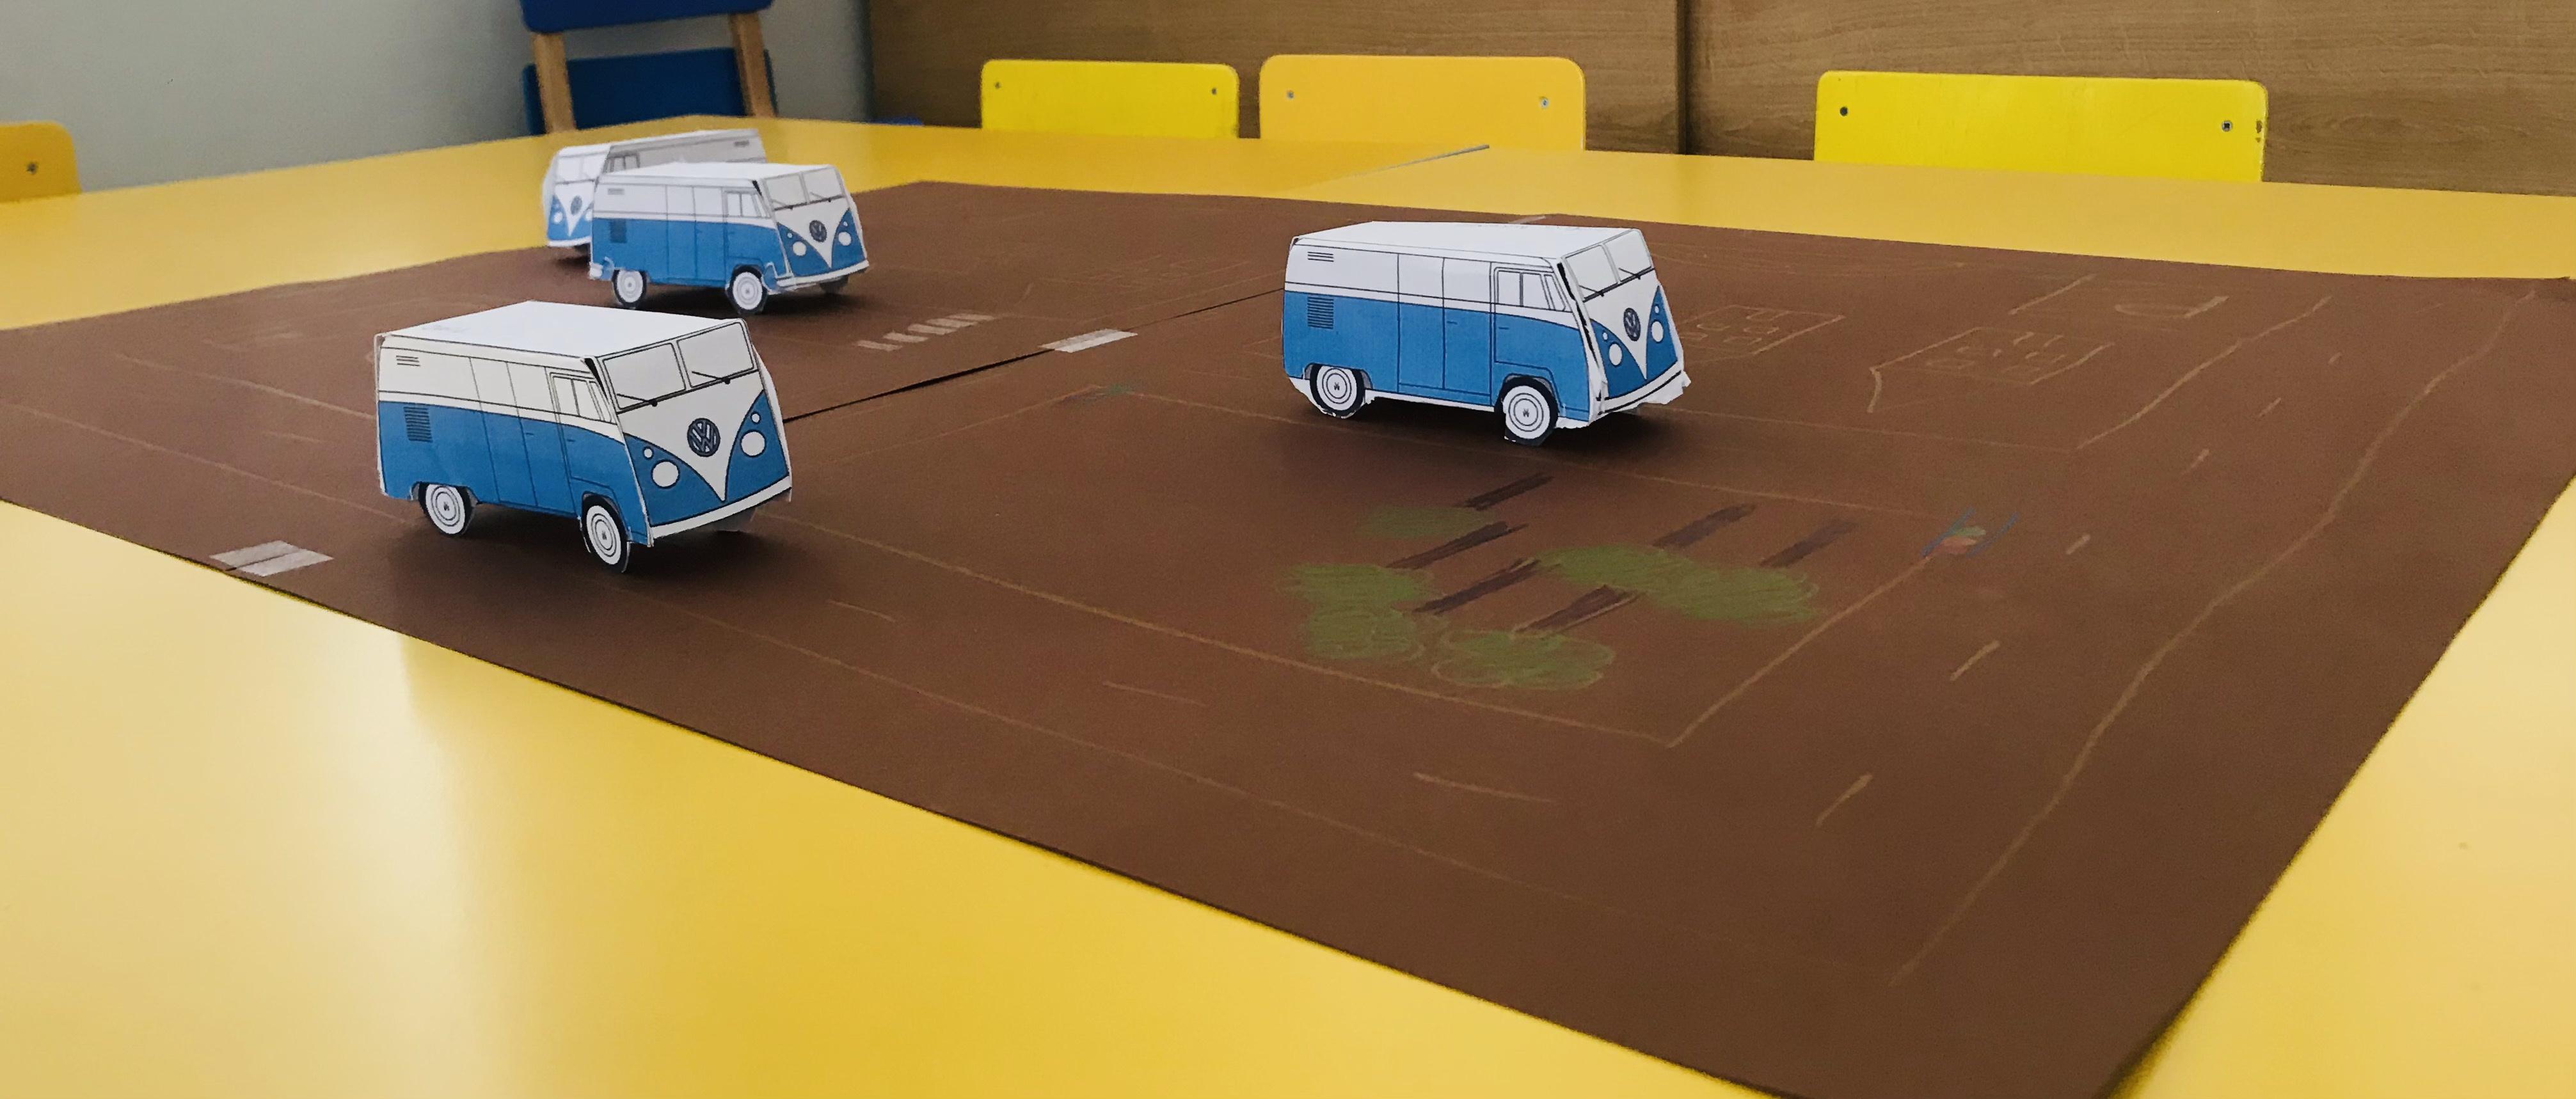 Pilot oder Busfahrer?